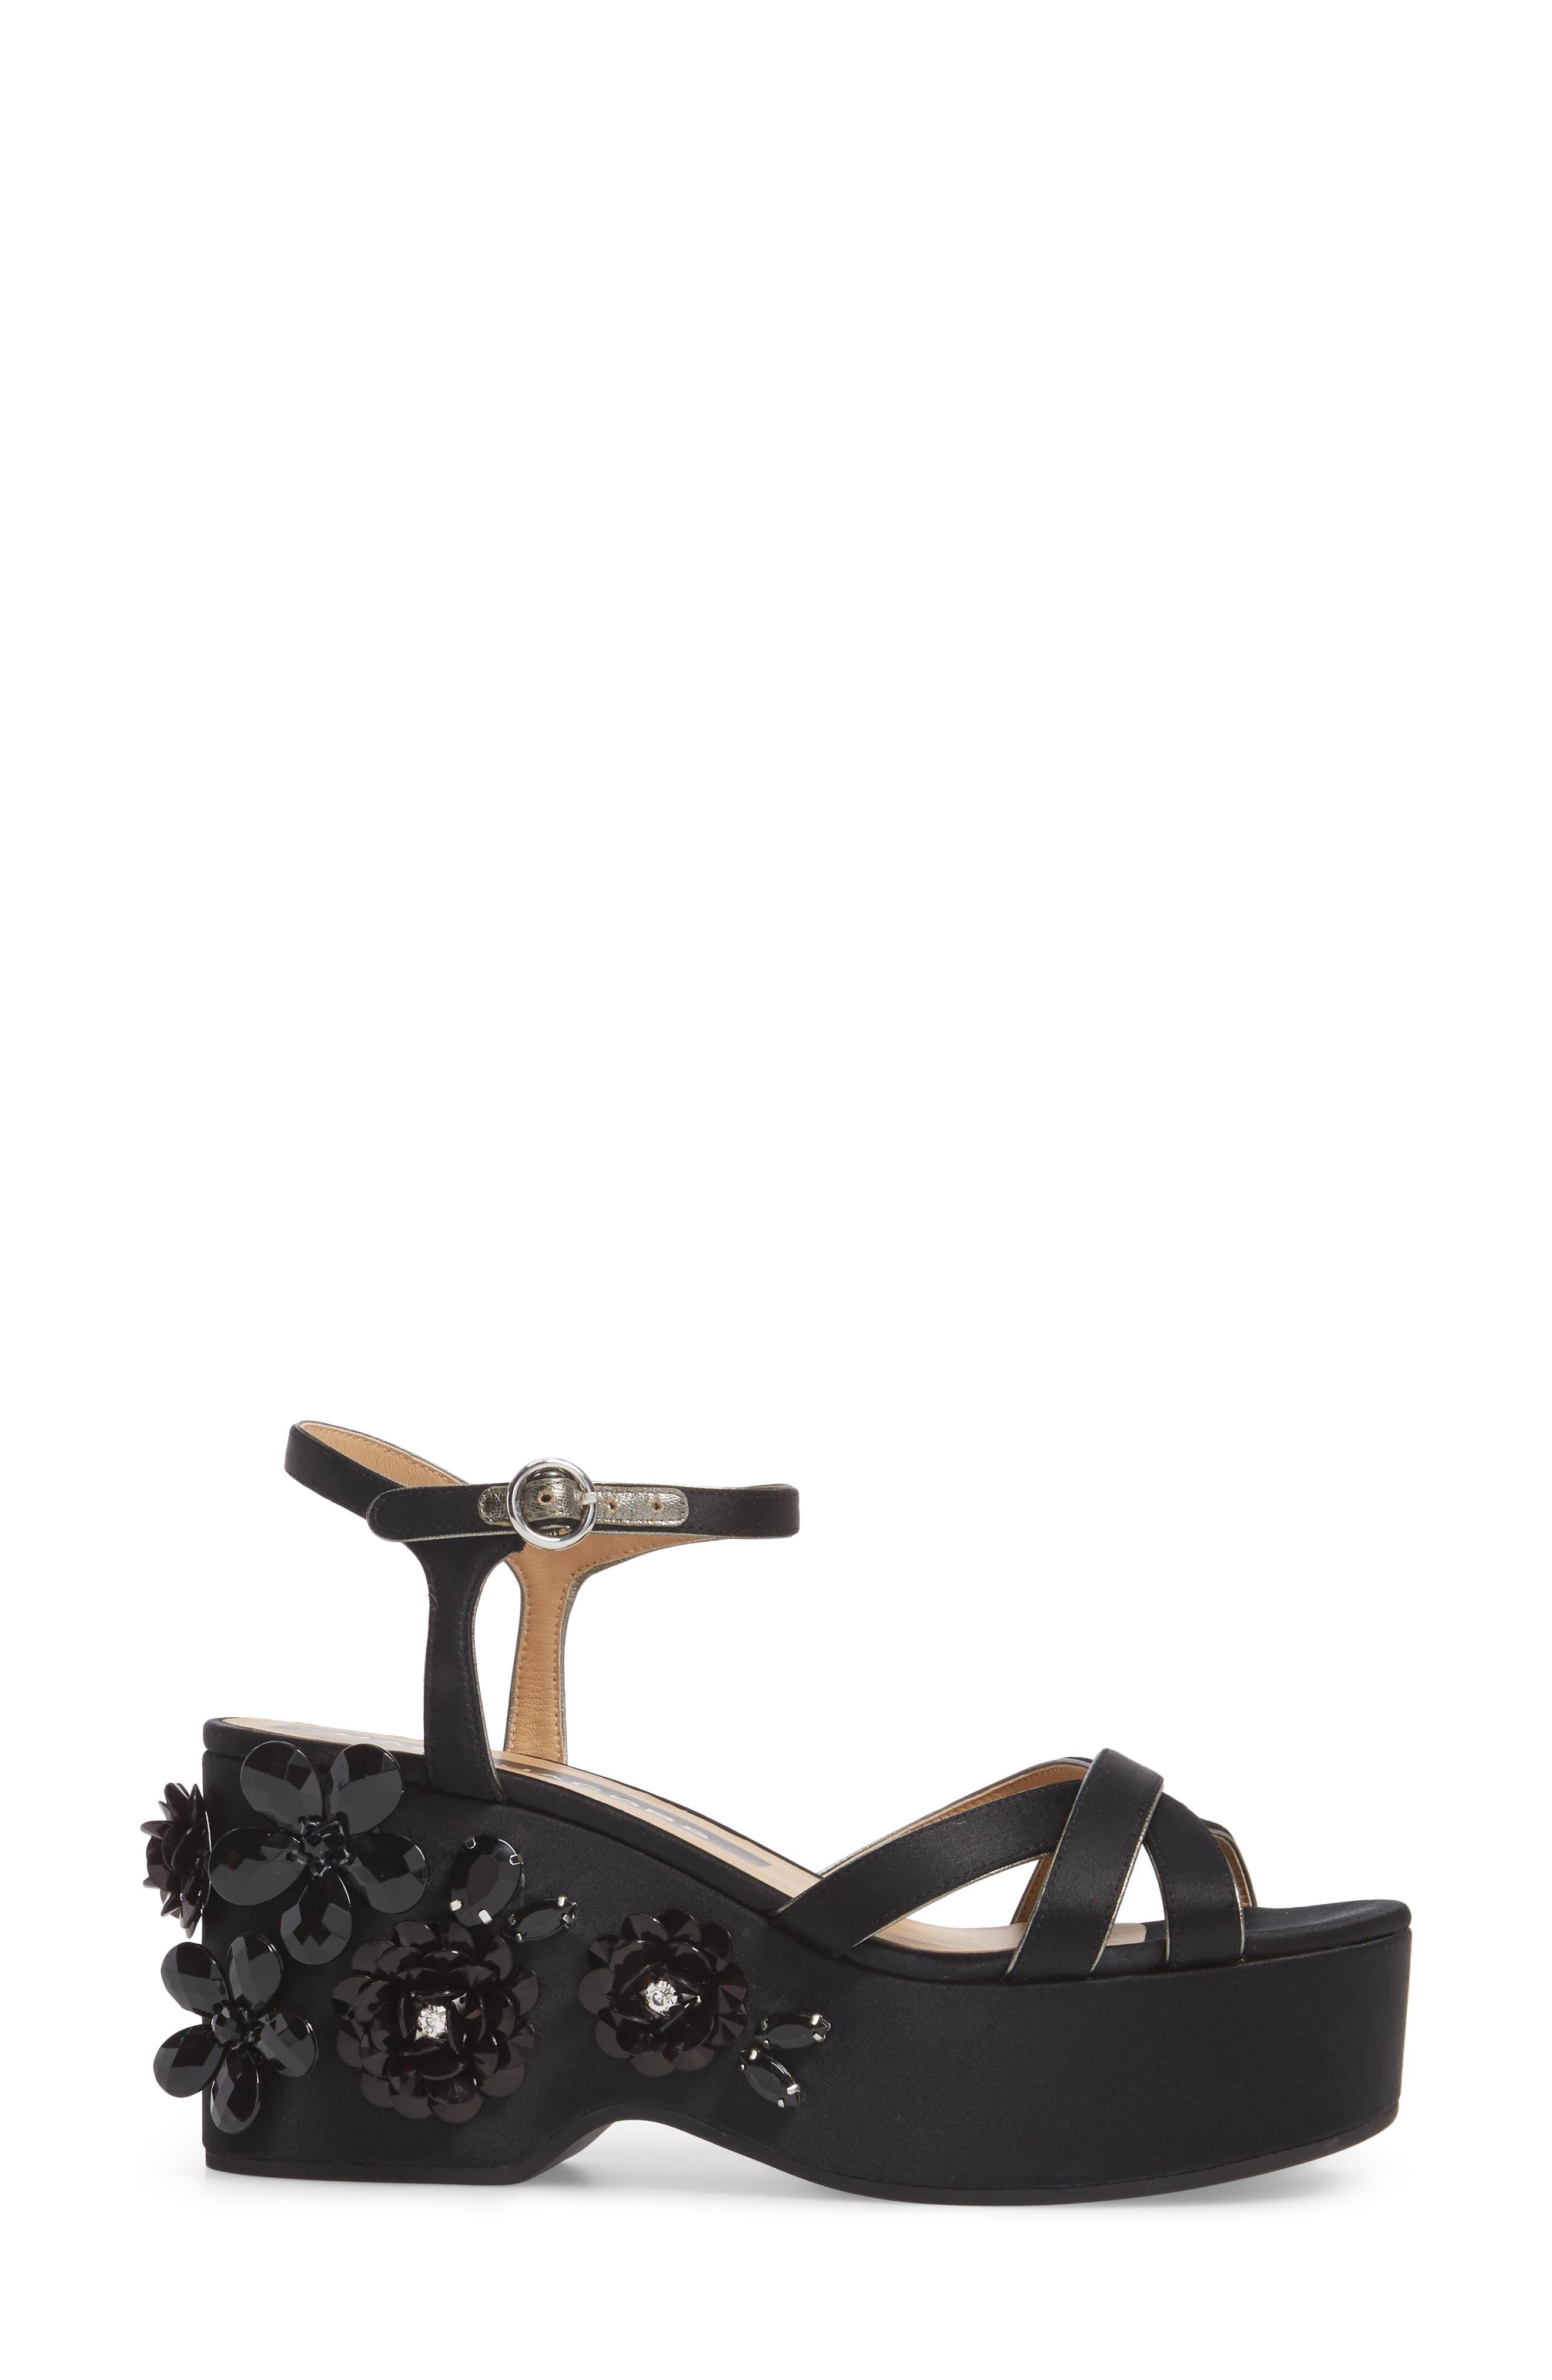 Callie Embellished Platform Sandal,                             Alternate thumbnail 3, color,                             Black